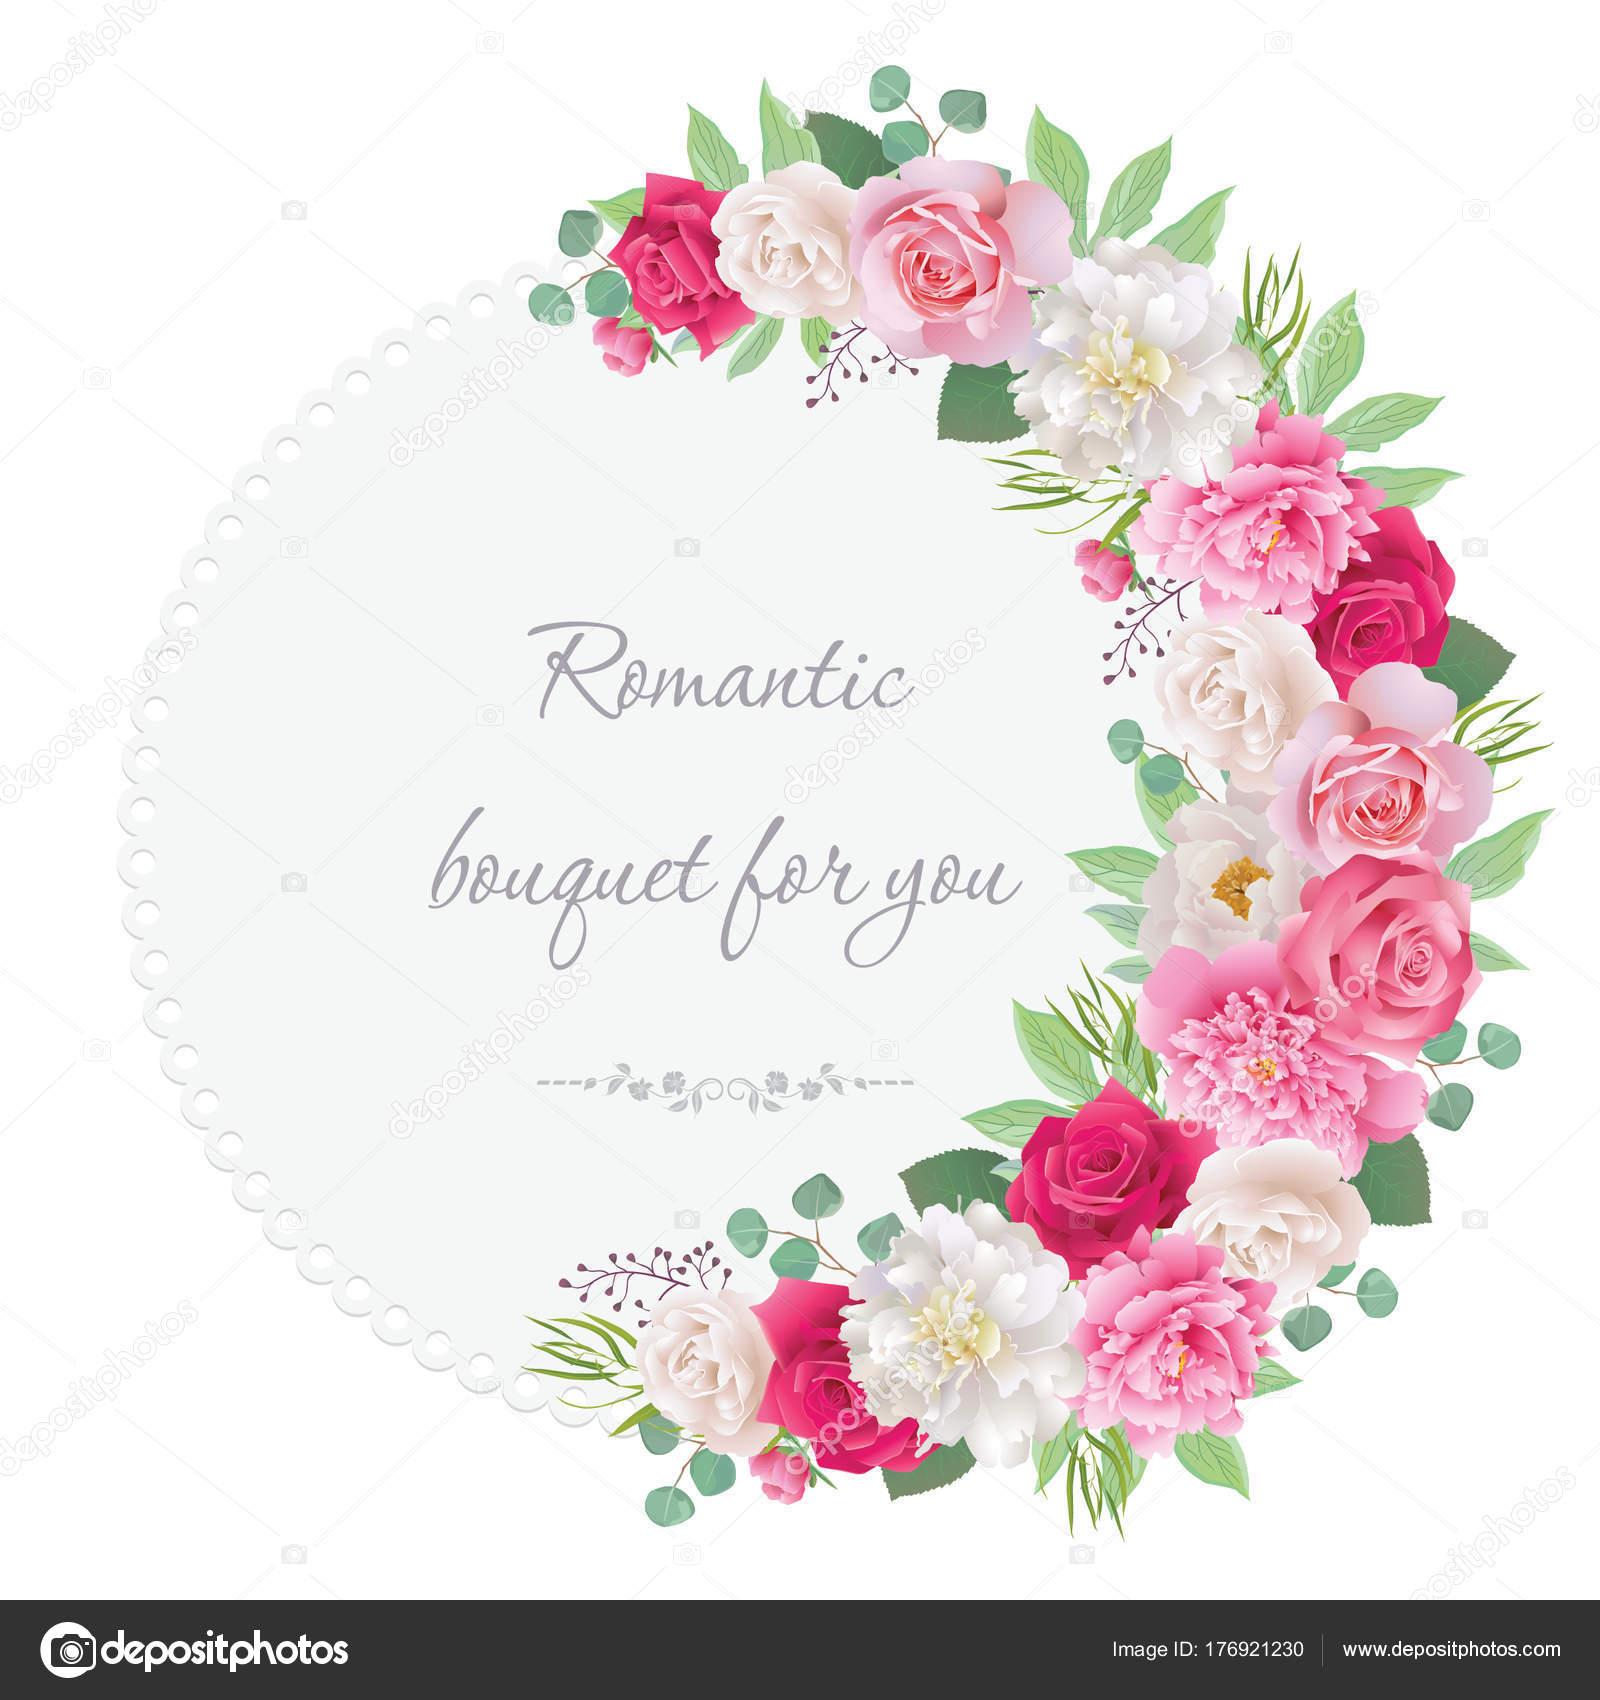 Romantische Halbkreis Girlande Rahmen Mit Roten Und Rosa Rosen, Weißen Und  Rosa Pfingstrosen. Als Einladung Werden Für Hochzeit, Geburtstag, ...